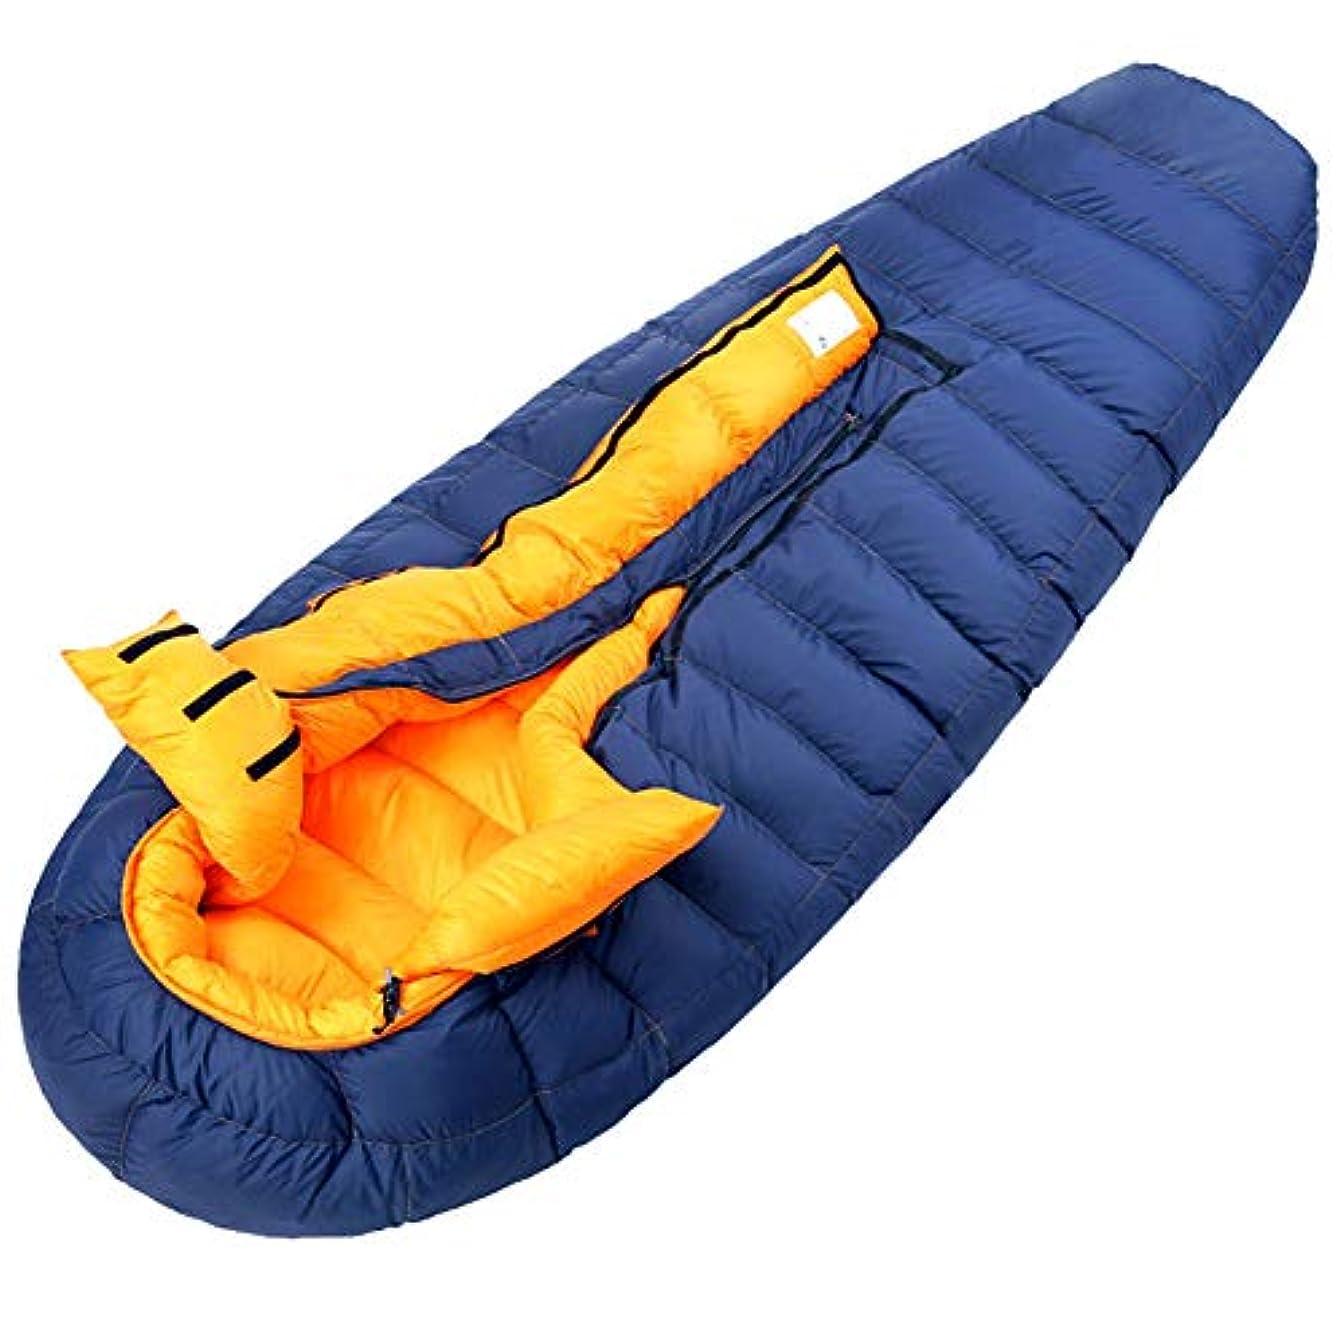 プリーツ国民投票計り知れないスリーピングバッグ、大人の屋外の睡眠袋は、軽量の睡眠袋屋内キャンプ-40 ℃暖かいスリーピングパッドを厚く,Blue,210*80cm